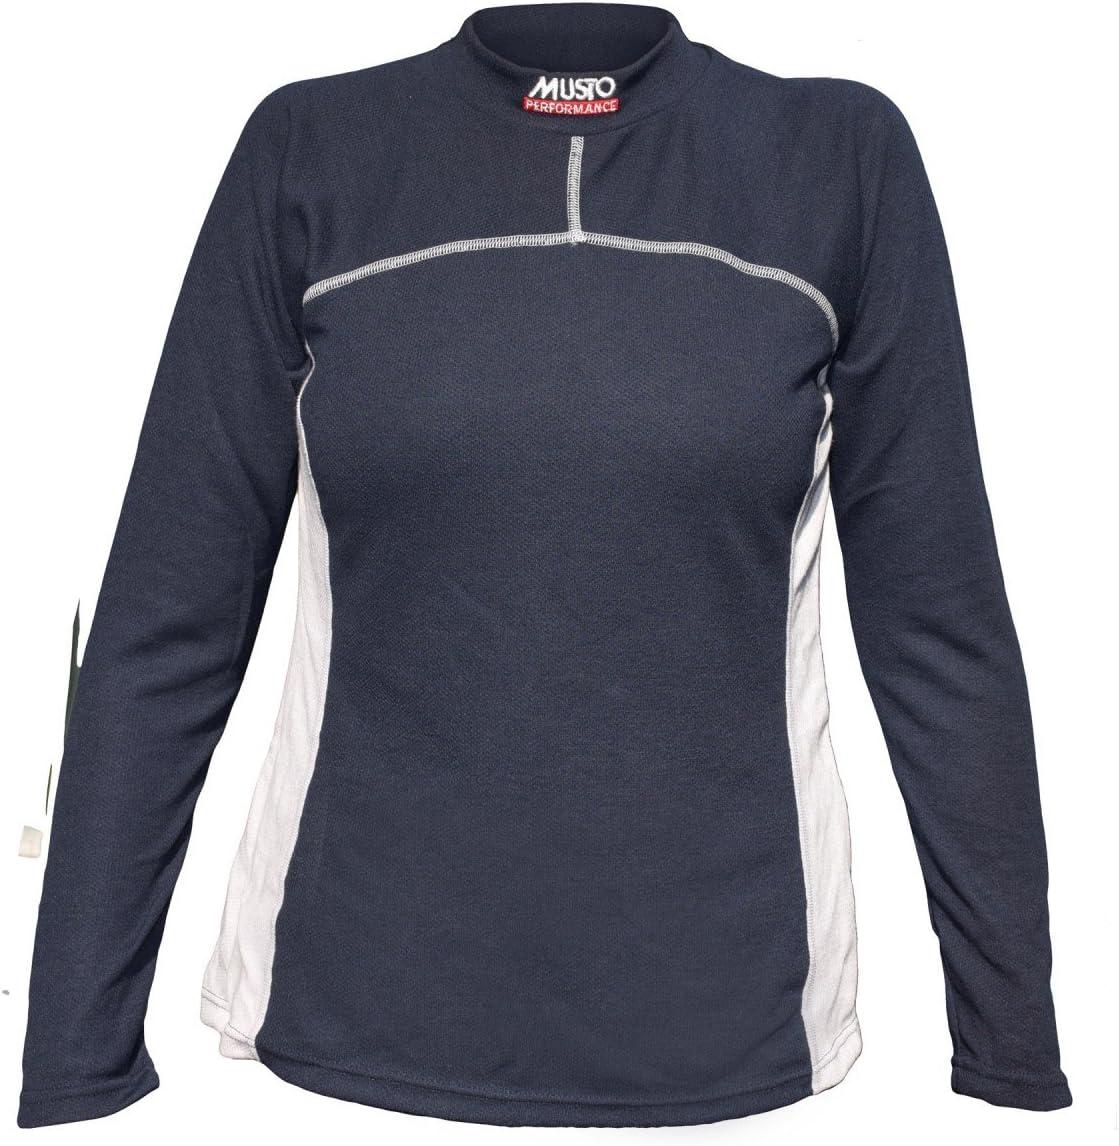 Musto Thermal Turtle Neck FW Ink/Silver Función Camiseta, tamaño: LS: Amazon.es: Deportes y aire libre